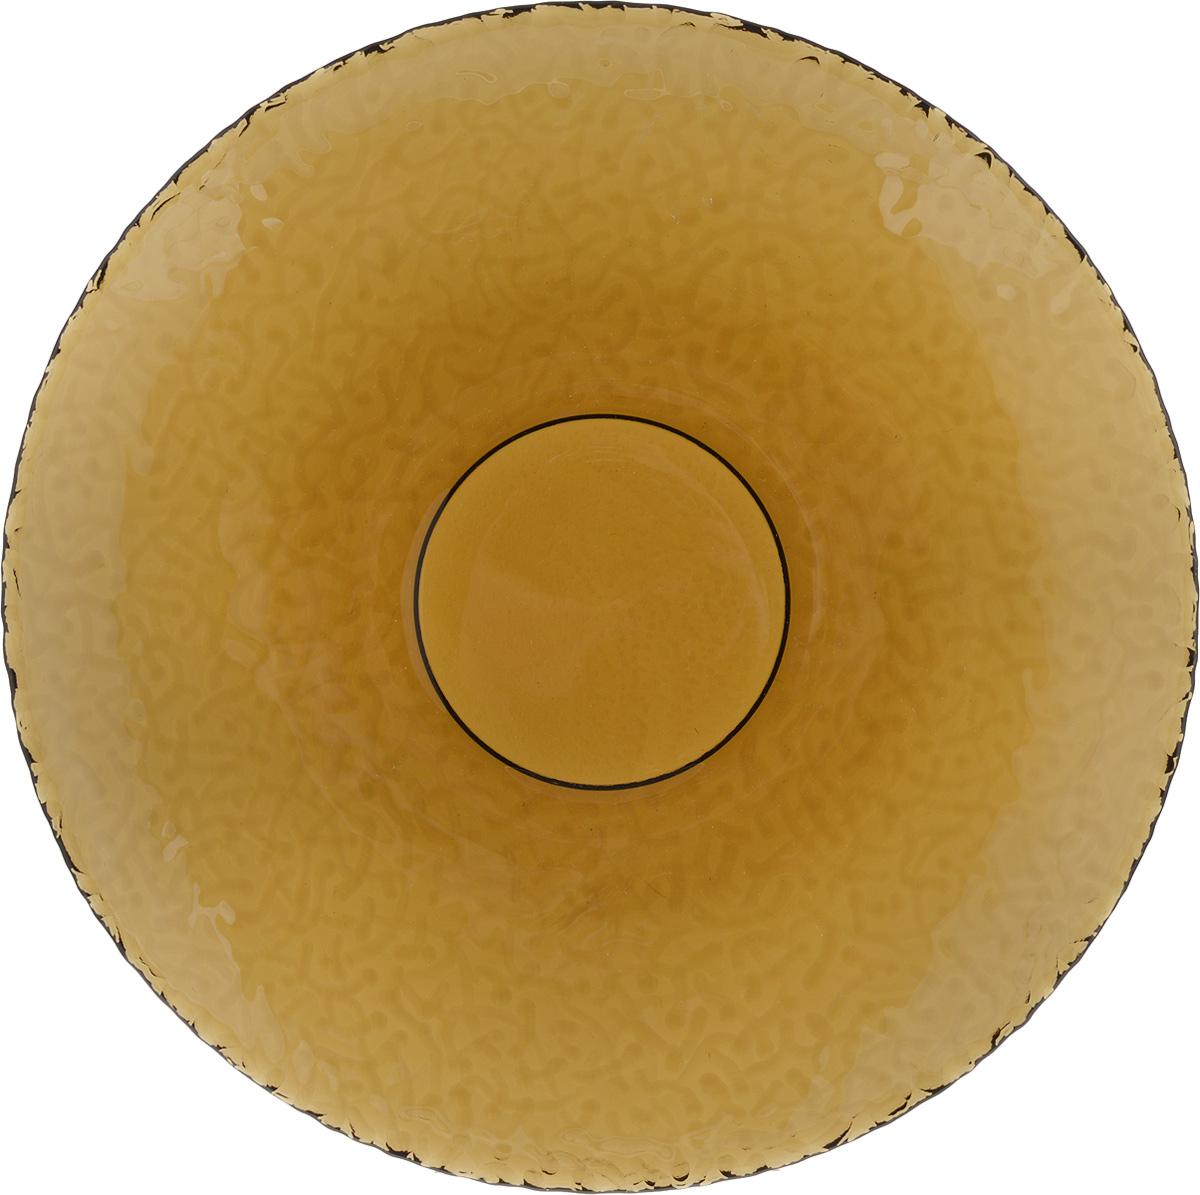 Тарелка NiNaGlass Ажур, цвет: дымчатый, диаметр 21 см83-070-ф210 ДЫМТарелка NiNaGlass Ажур выполнена из высококачественного стекла и имеет рельефную поверхность. Она прекрасно впишется в интерьер вашей кухни и станет достойным дополнением к кухонному инвентарю. Тарелка NiNaGlass Ажур подчеркнет прекрасный вкус хозяйки и станет отличным подарком. Диаметр тарелки: 21 см. Высота: 2,5 см.